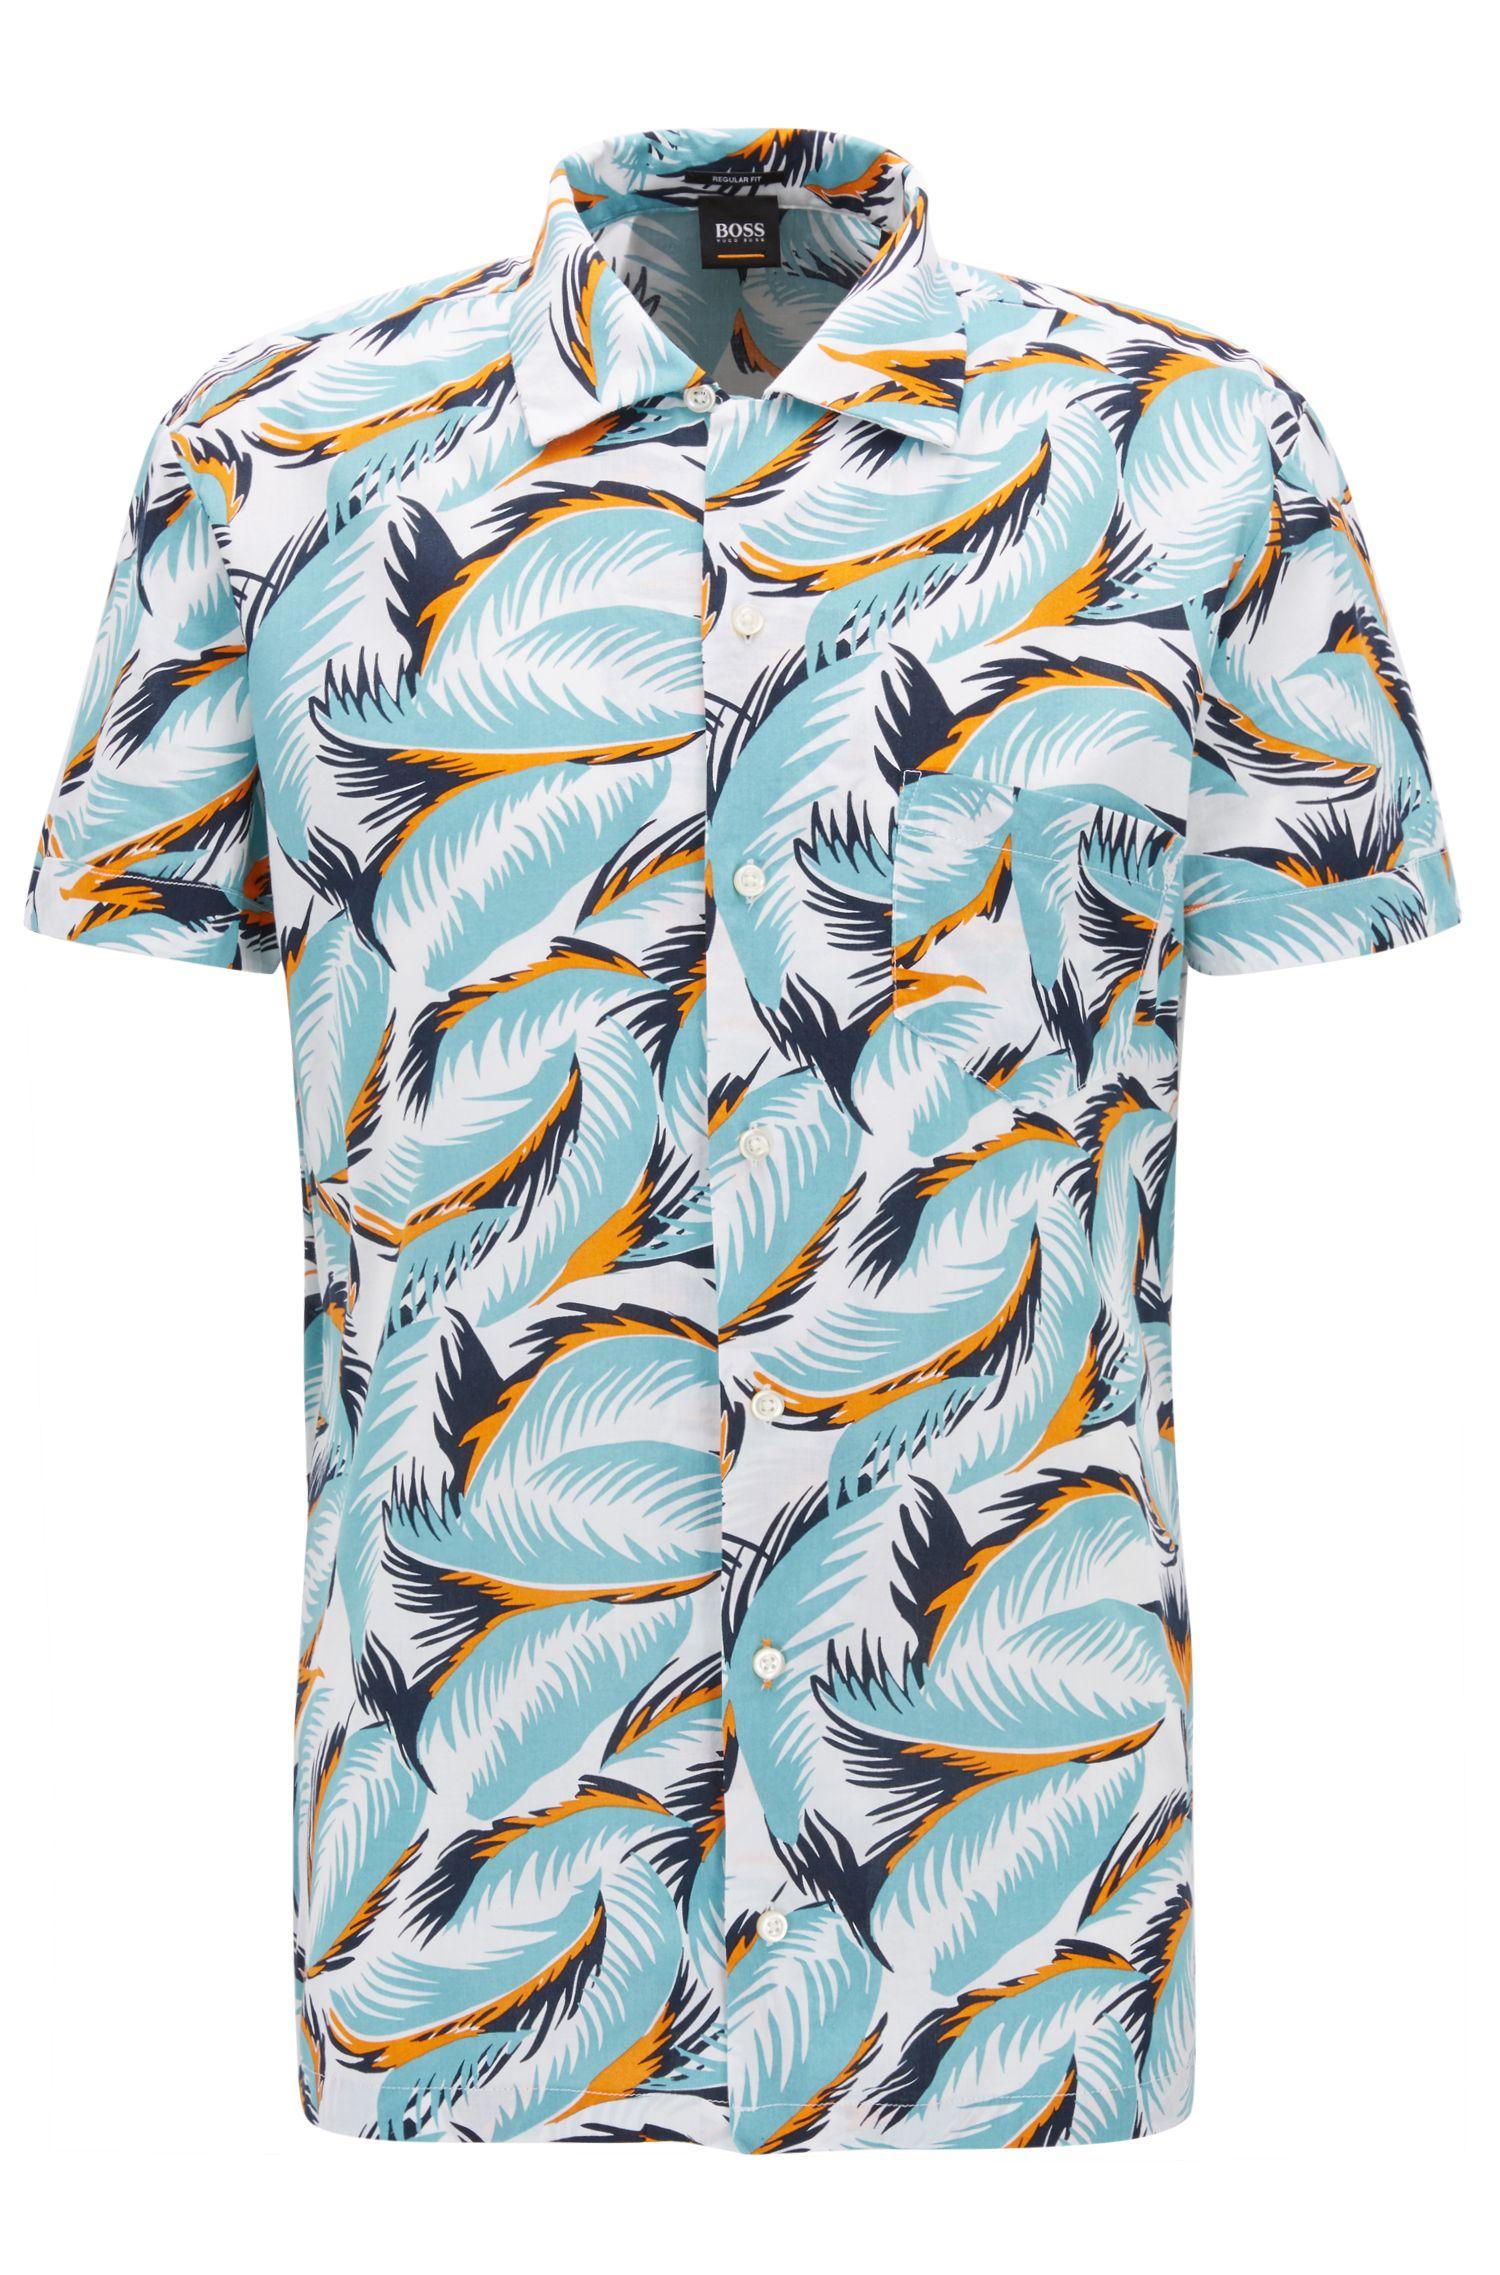 Regular-fit overhemd in een katoenmix met kleurrijke bladprint